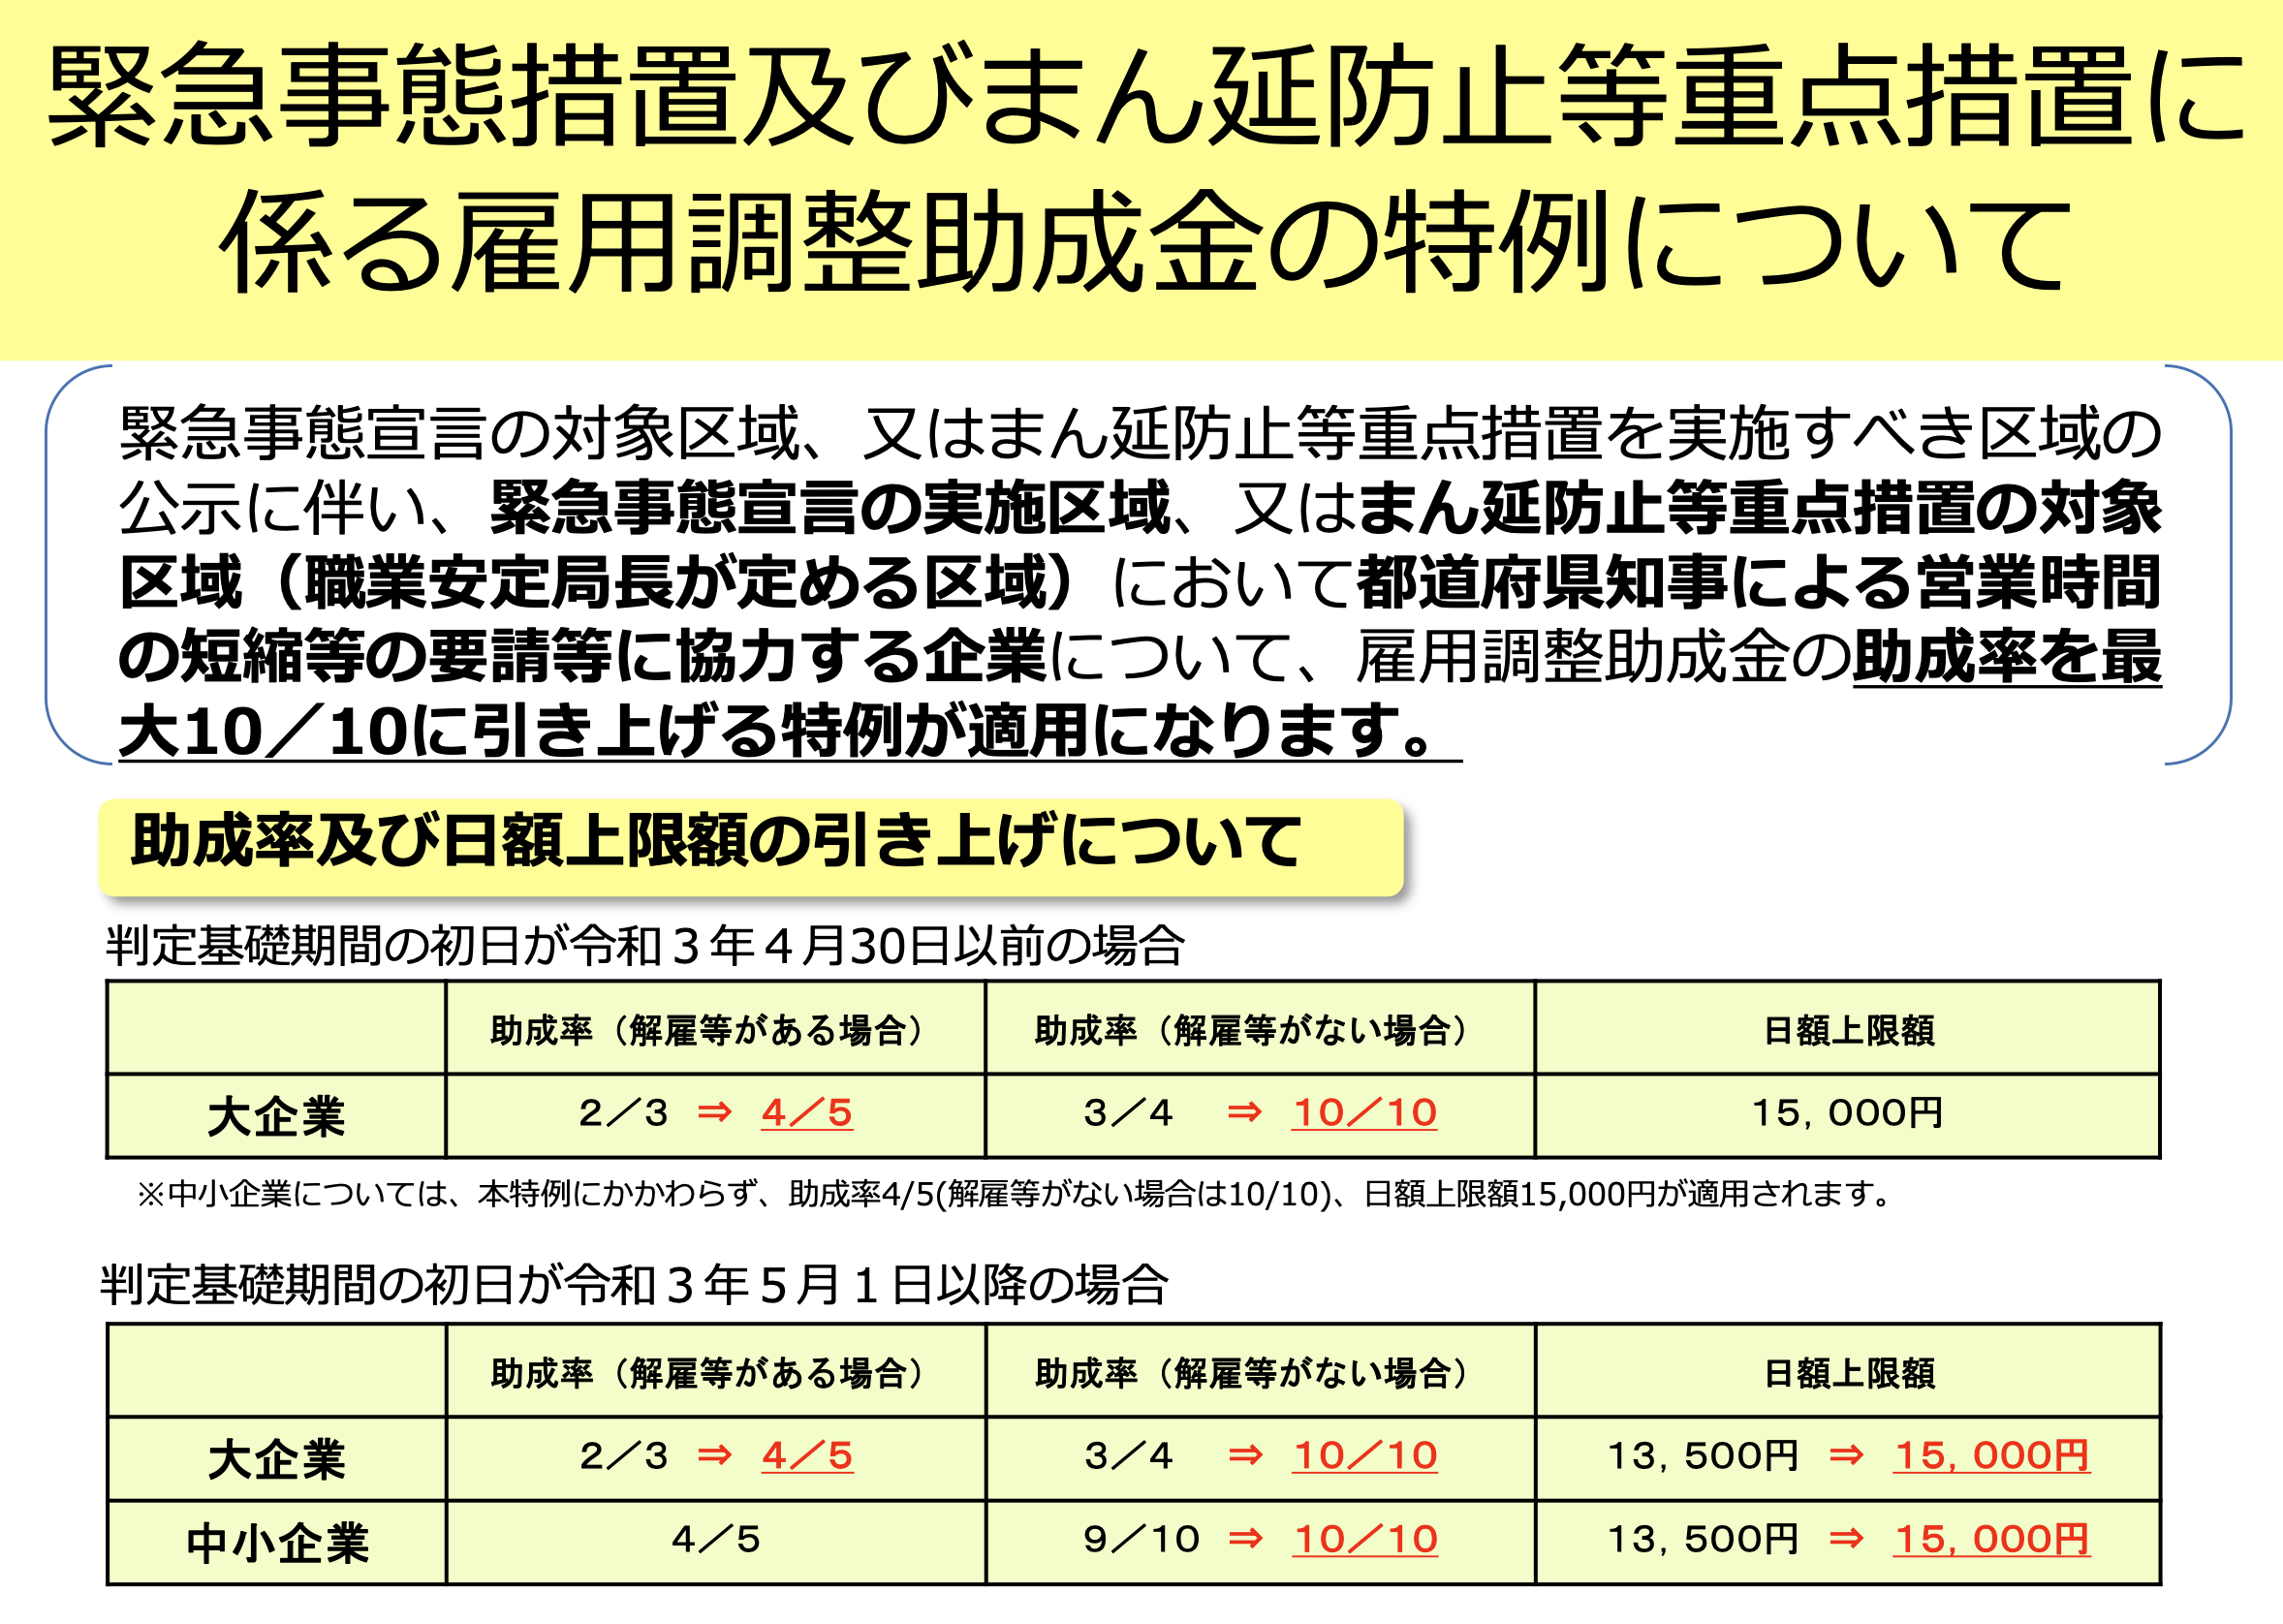 雇用調整助成金茨城県001